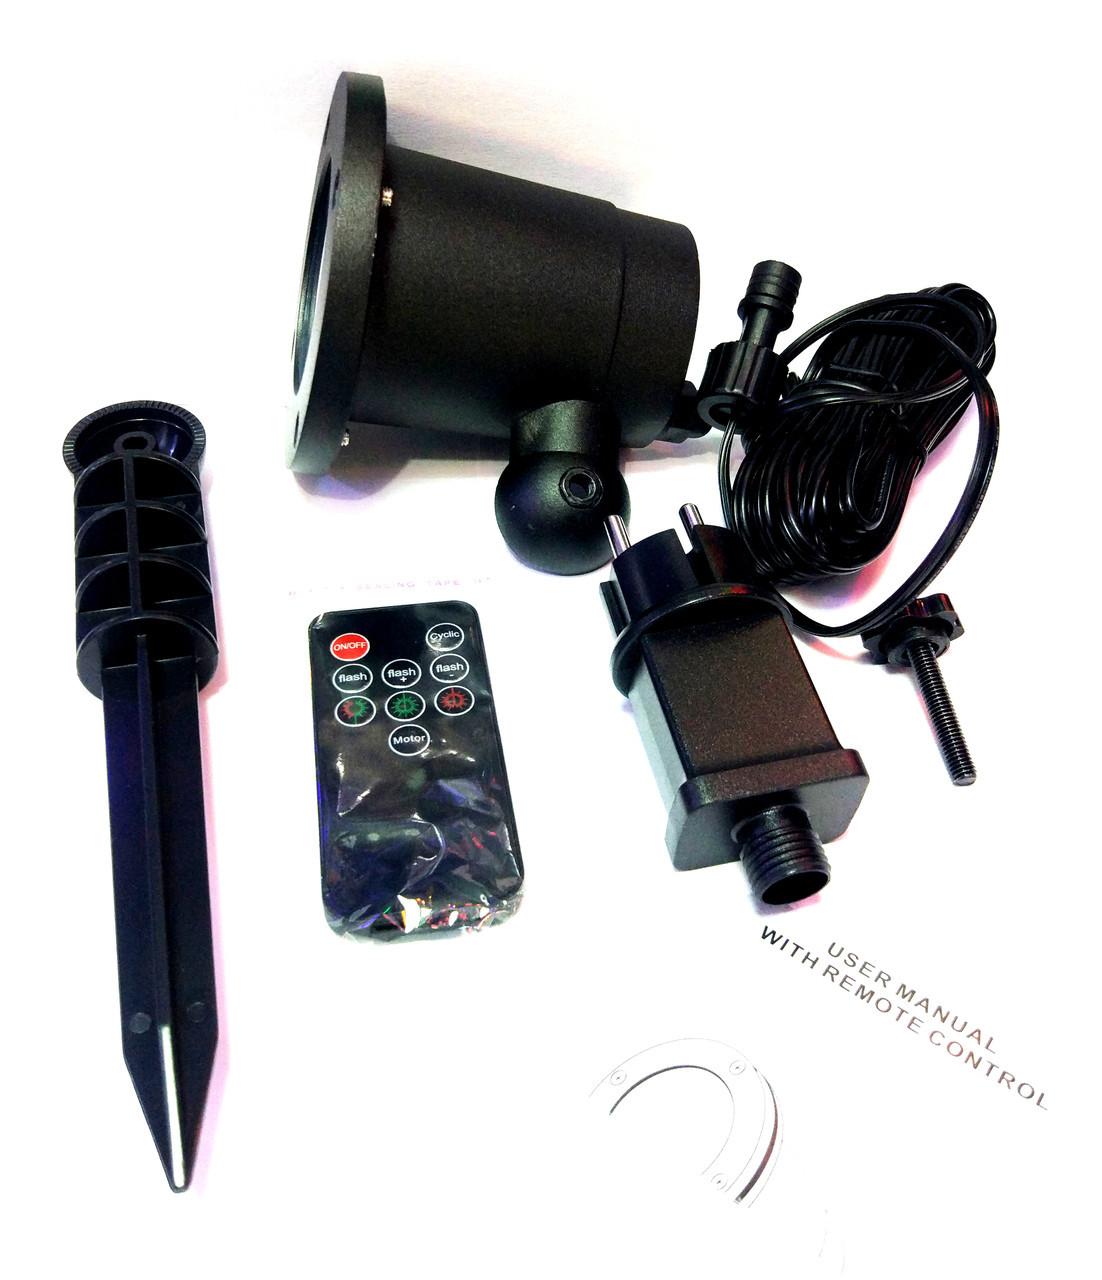 Лазерный дождь, звездный проектор, гирлянда с пультом Star Shower - фото 7